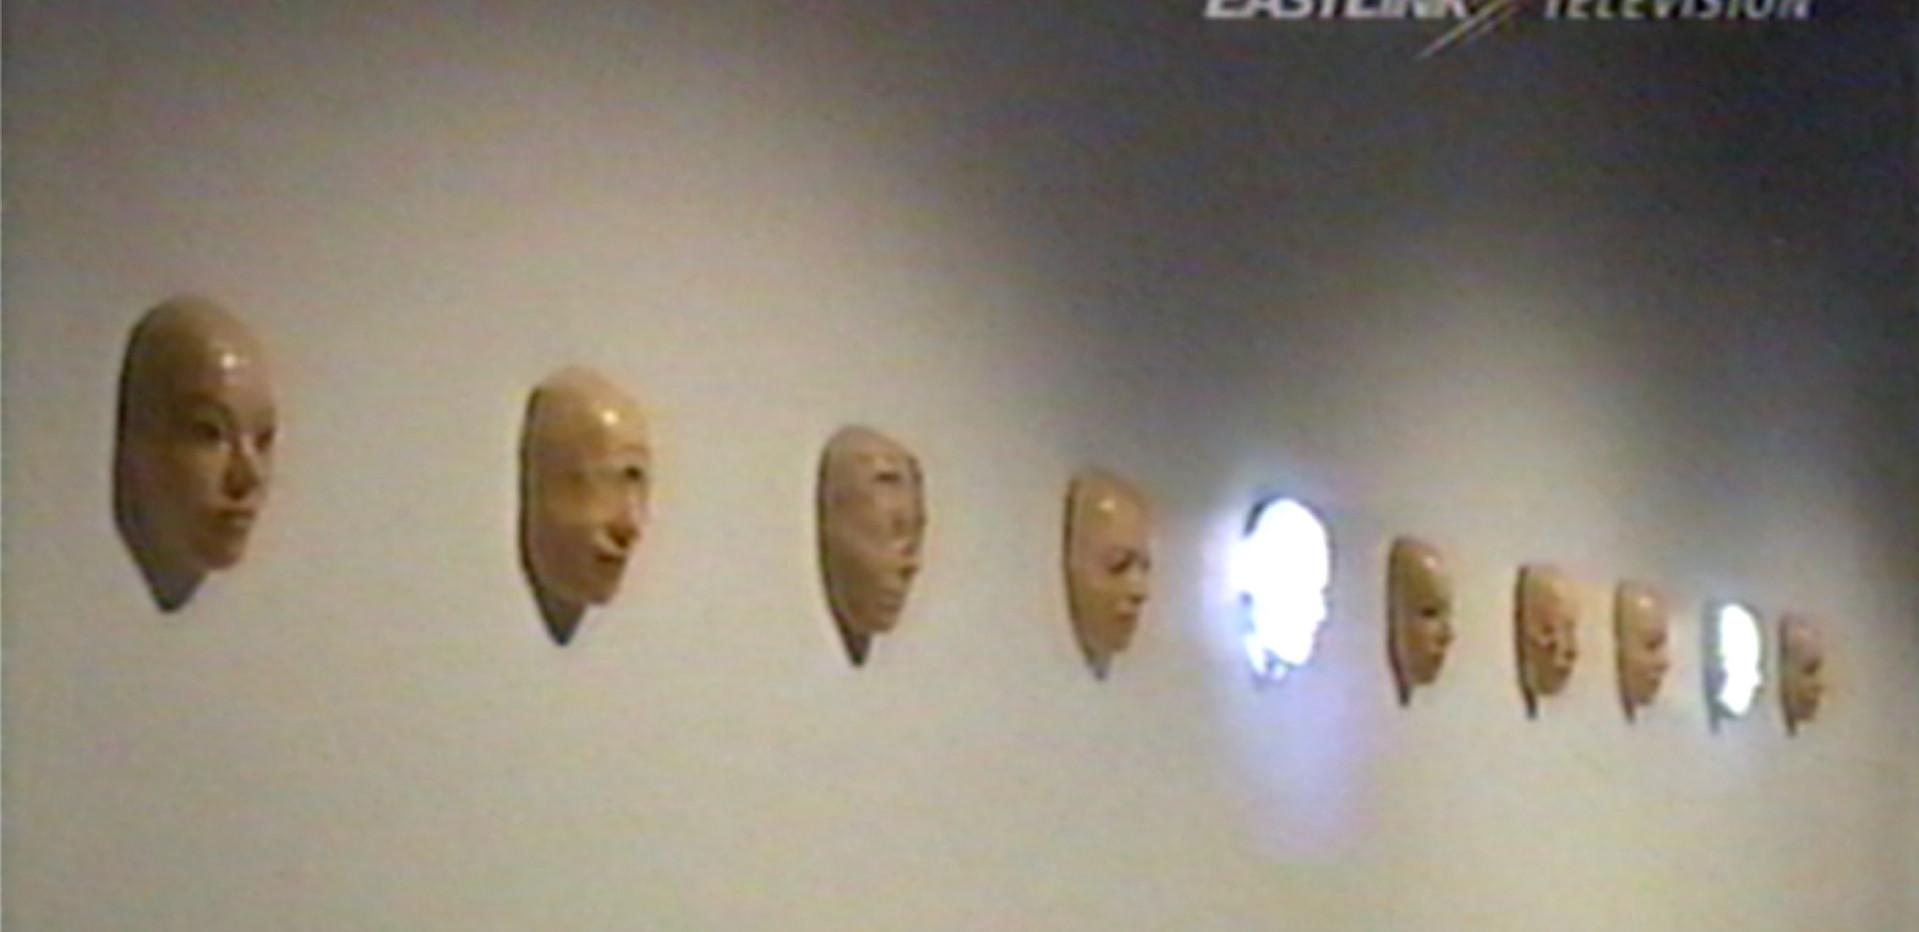 Media Masquerade 7.jpg